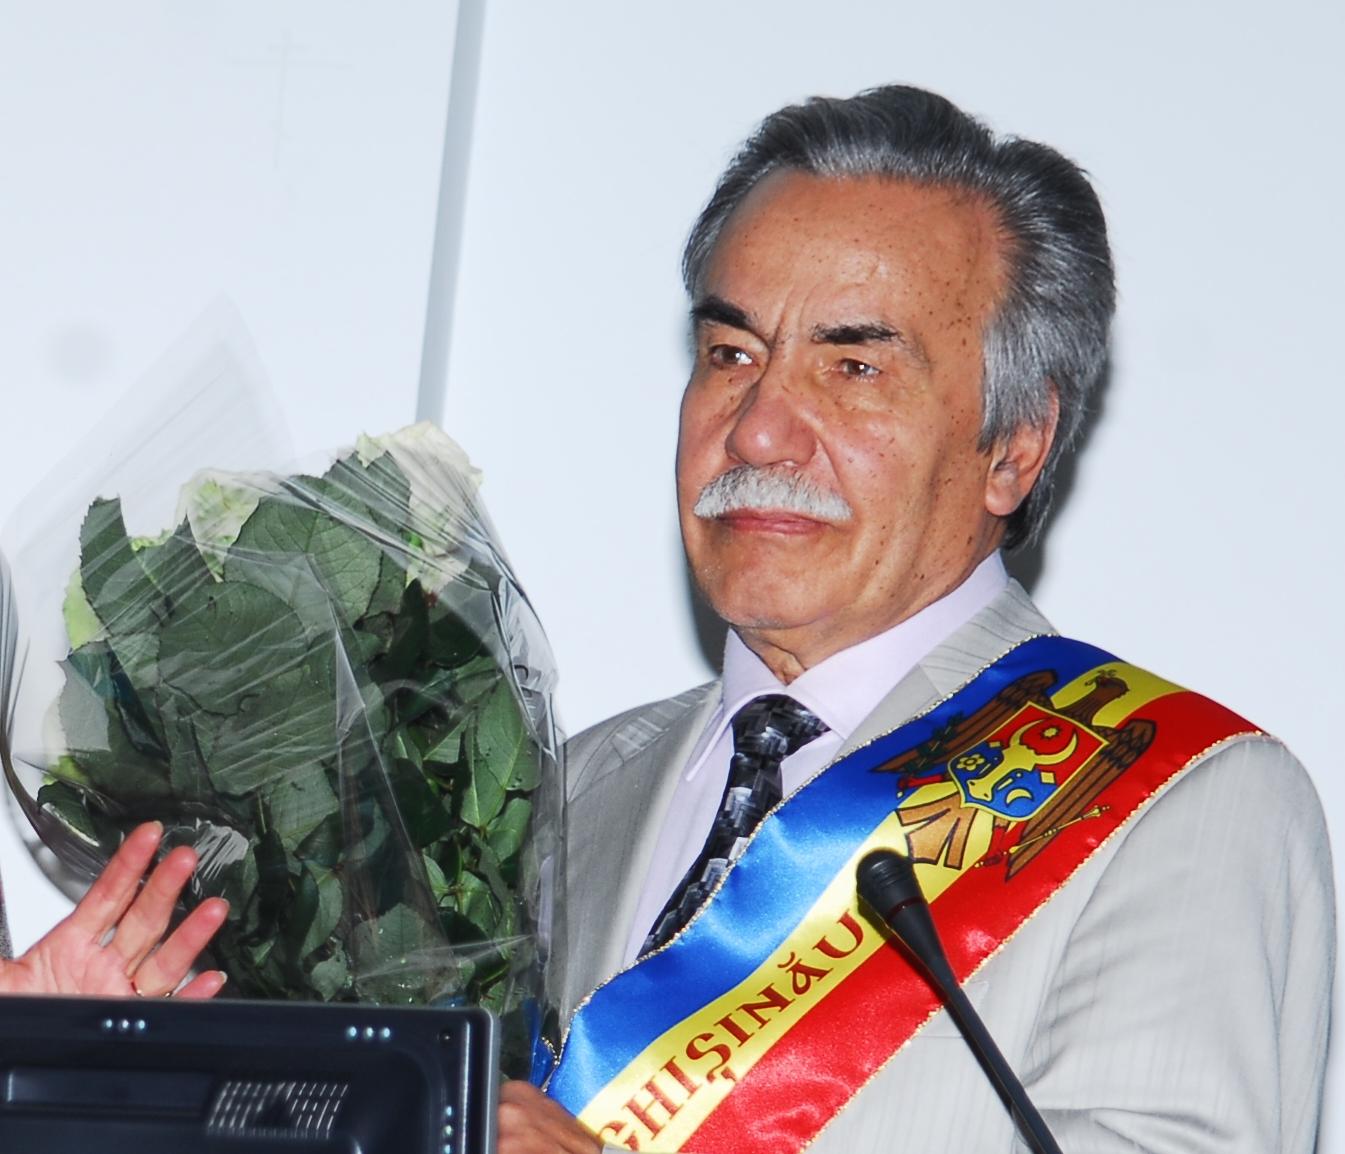 Dumitru Matcovschi-Cetatean de Onoare a Primariei mun. Chisinau